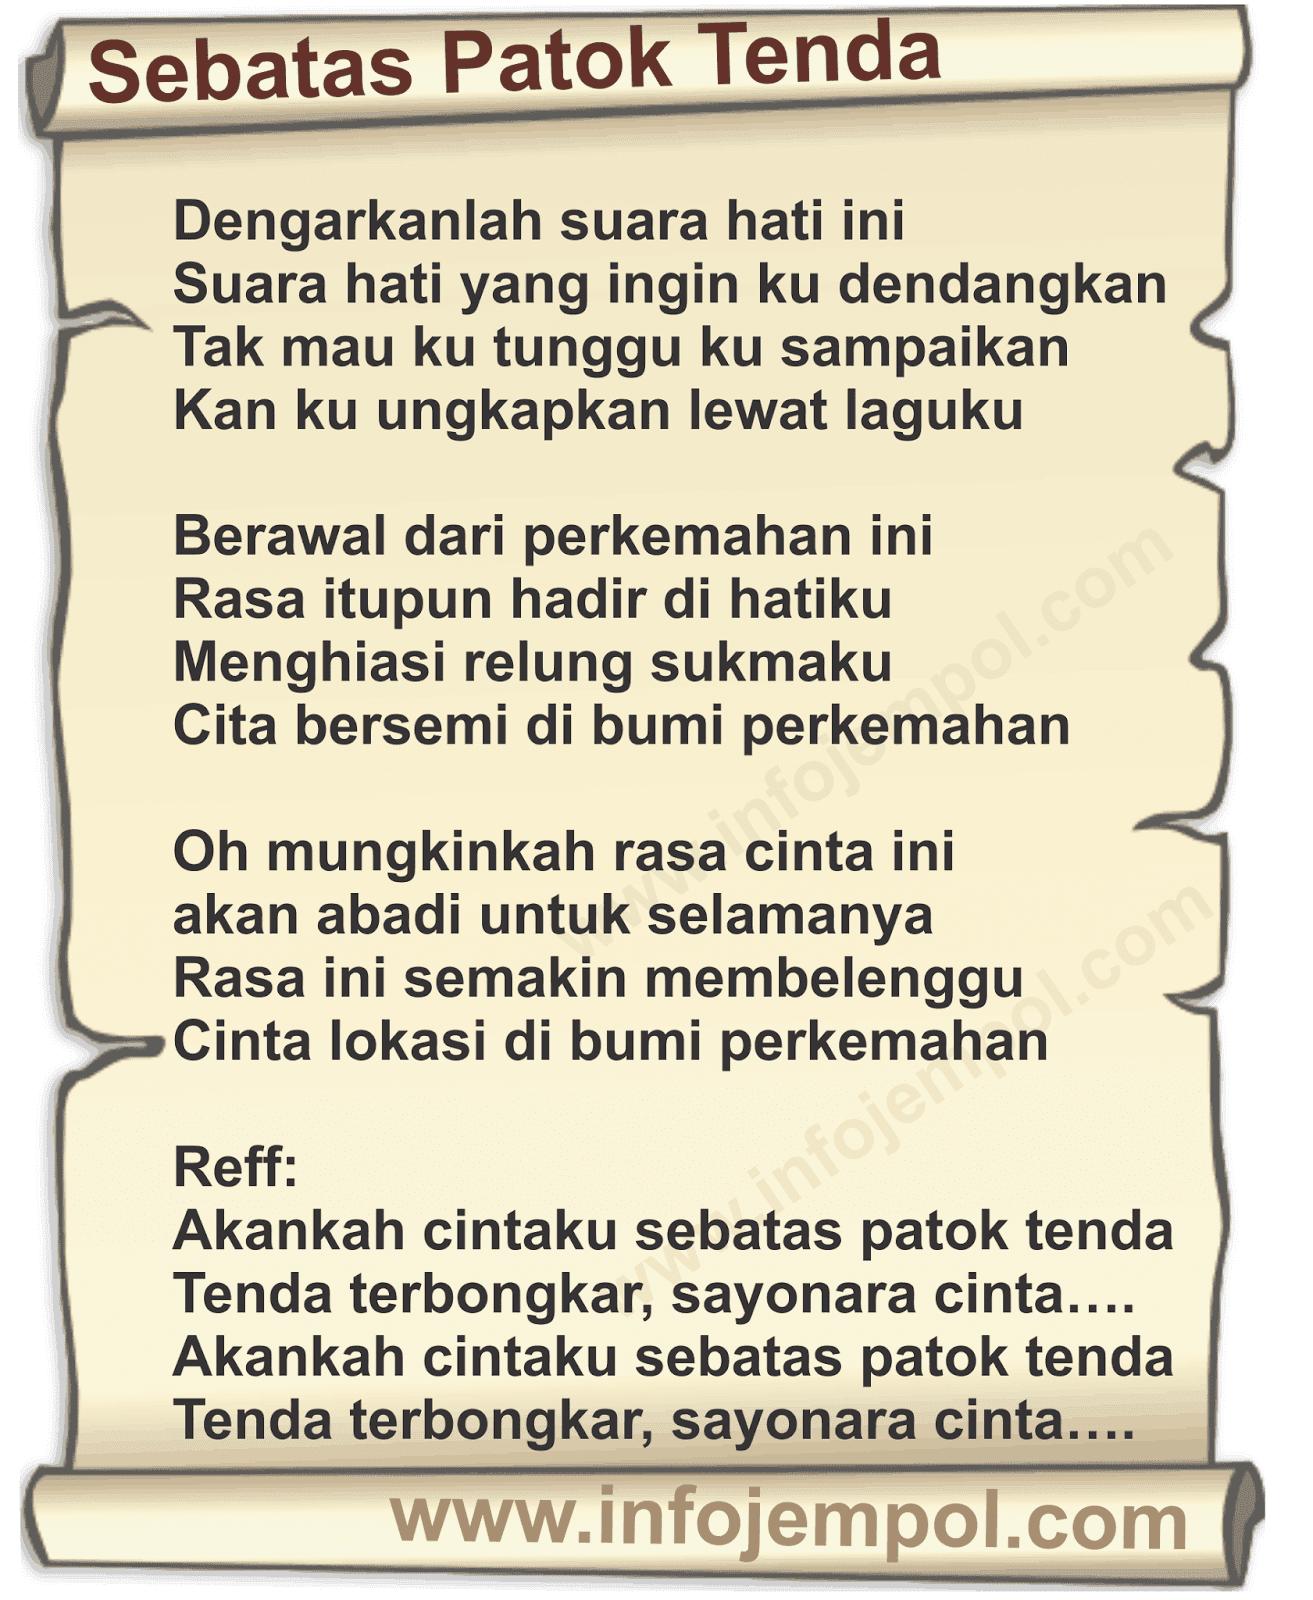 Download Lagu Pramuka Cinta Sebatas Patok Tenda : download, pramuka, cinta, sebatas, patok, tenda, Lirik, Sebatas, Patok, Tenda, (Download